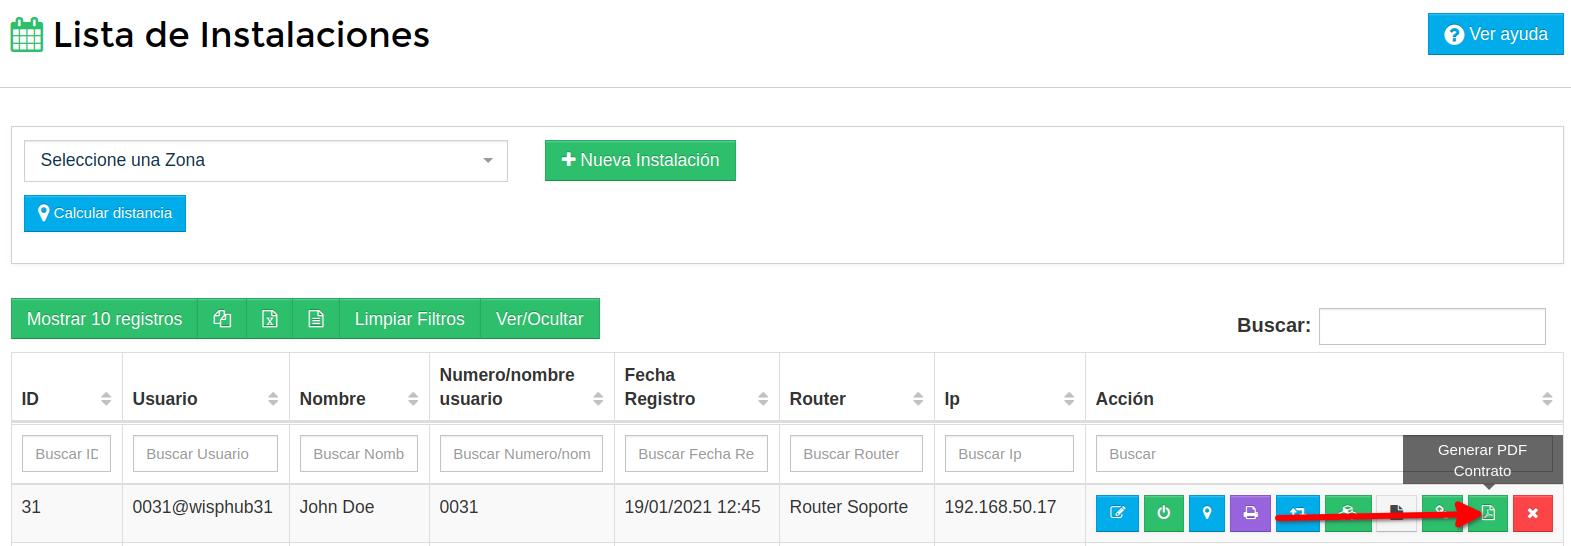 Botón para generar pdf del contrato en instalaciones